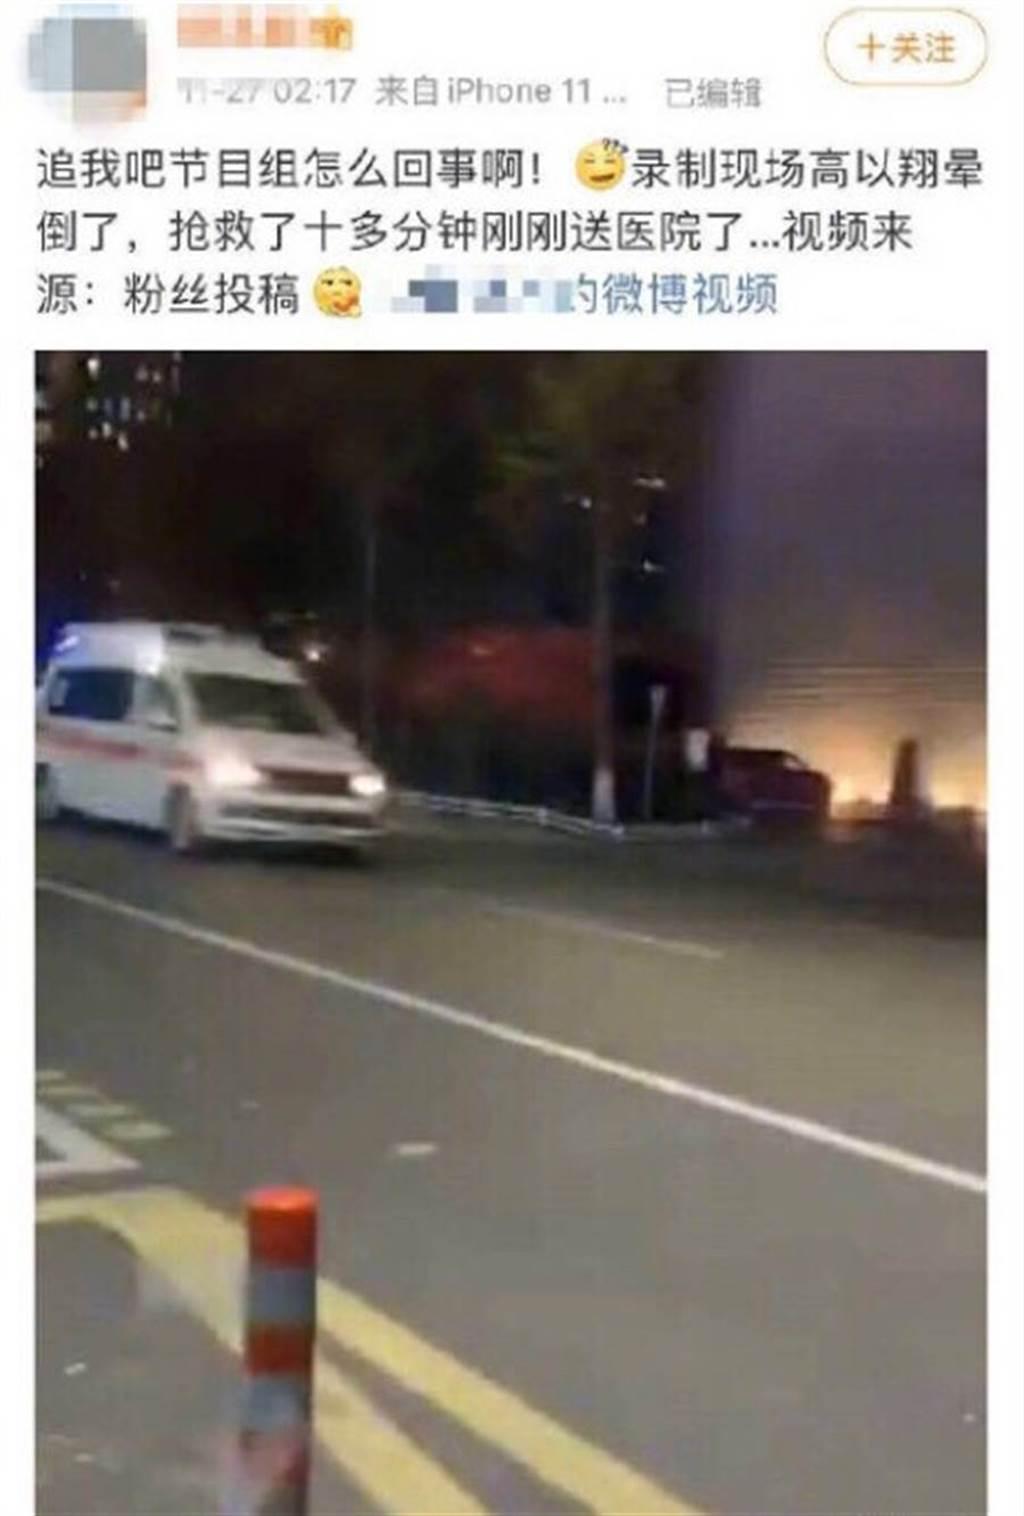 網友在微博PO疑似救護車送醫照。(圖/微博)